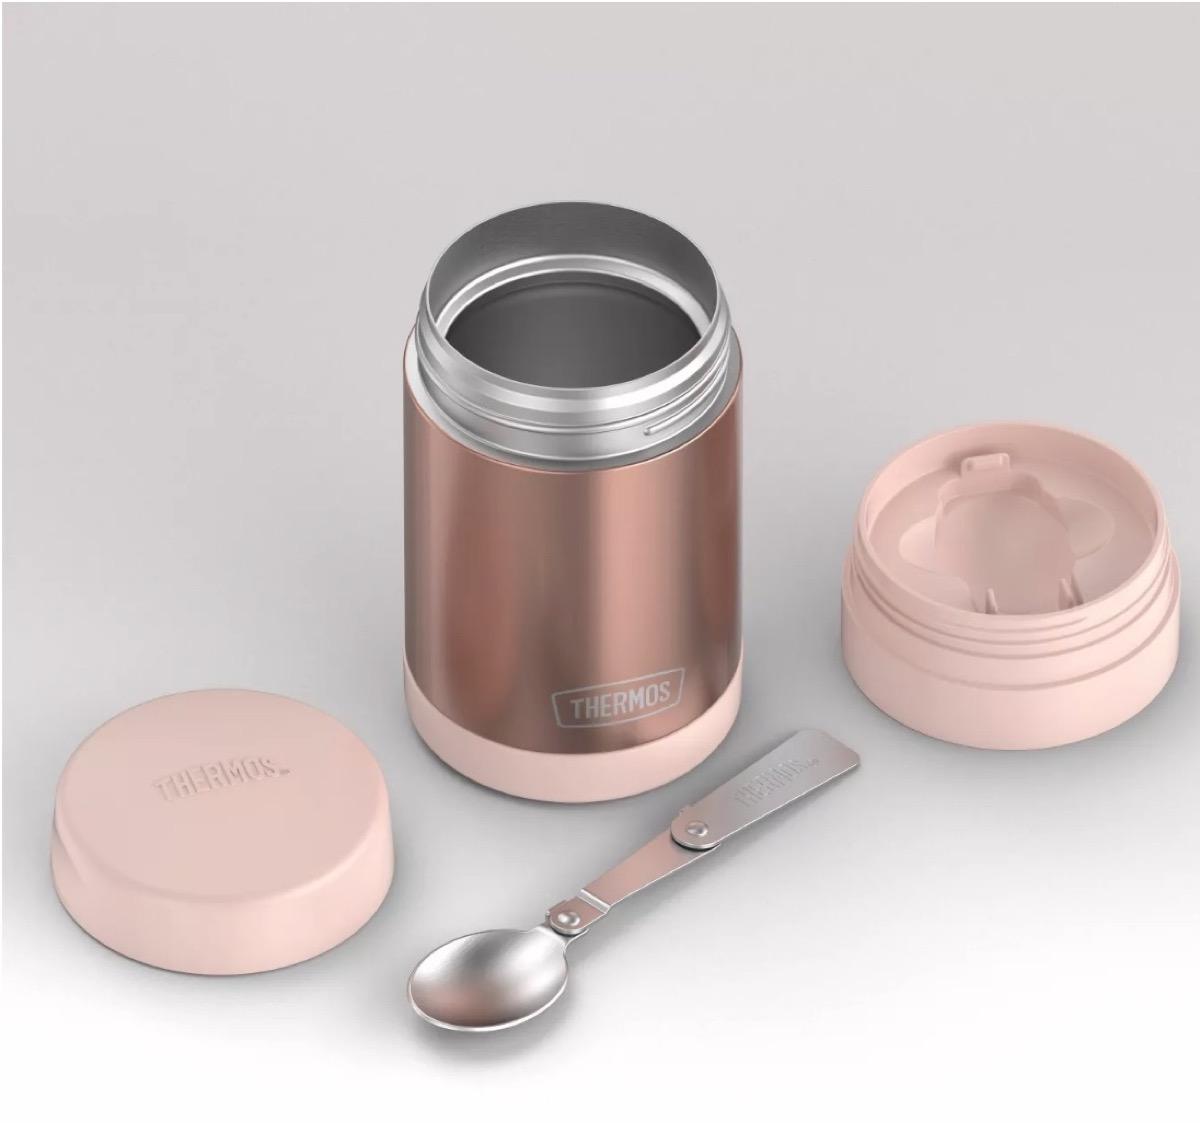 rose gold thermos, picnic essentials